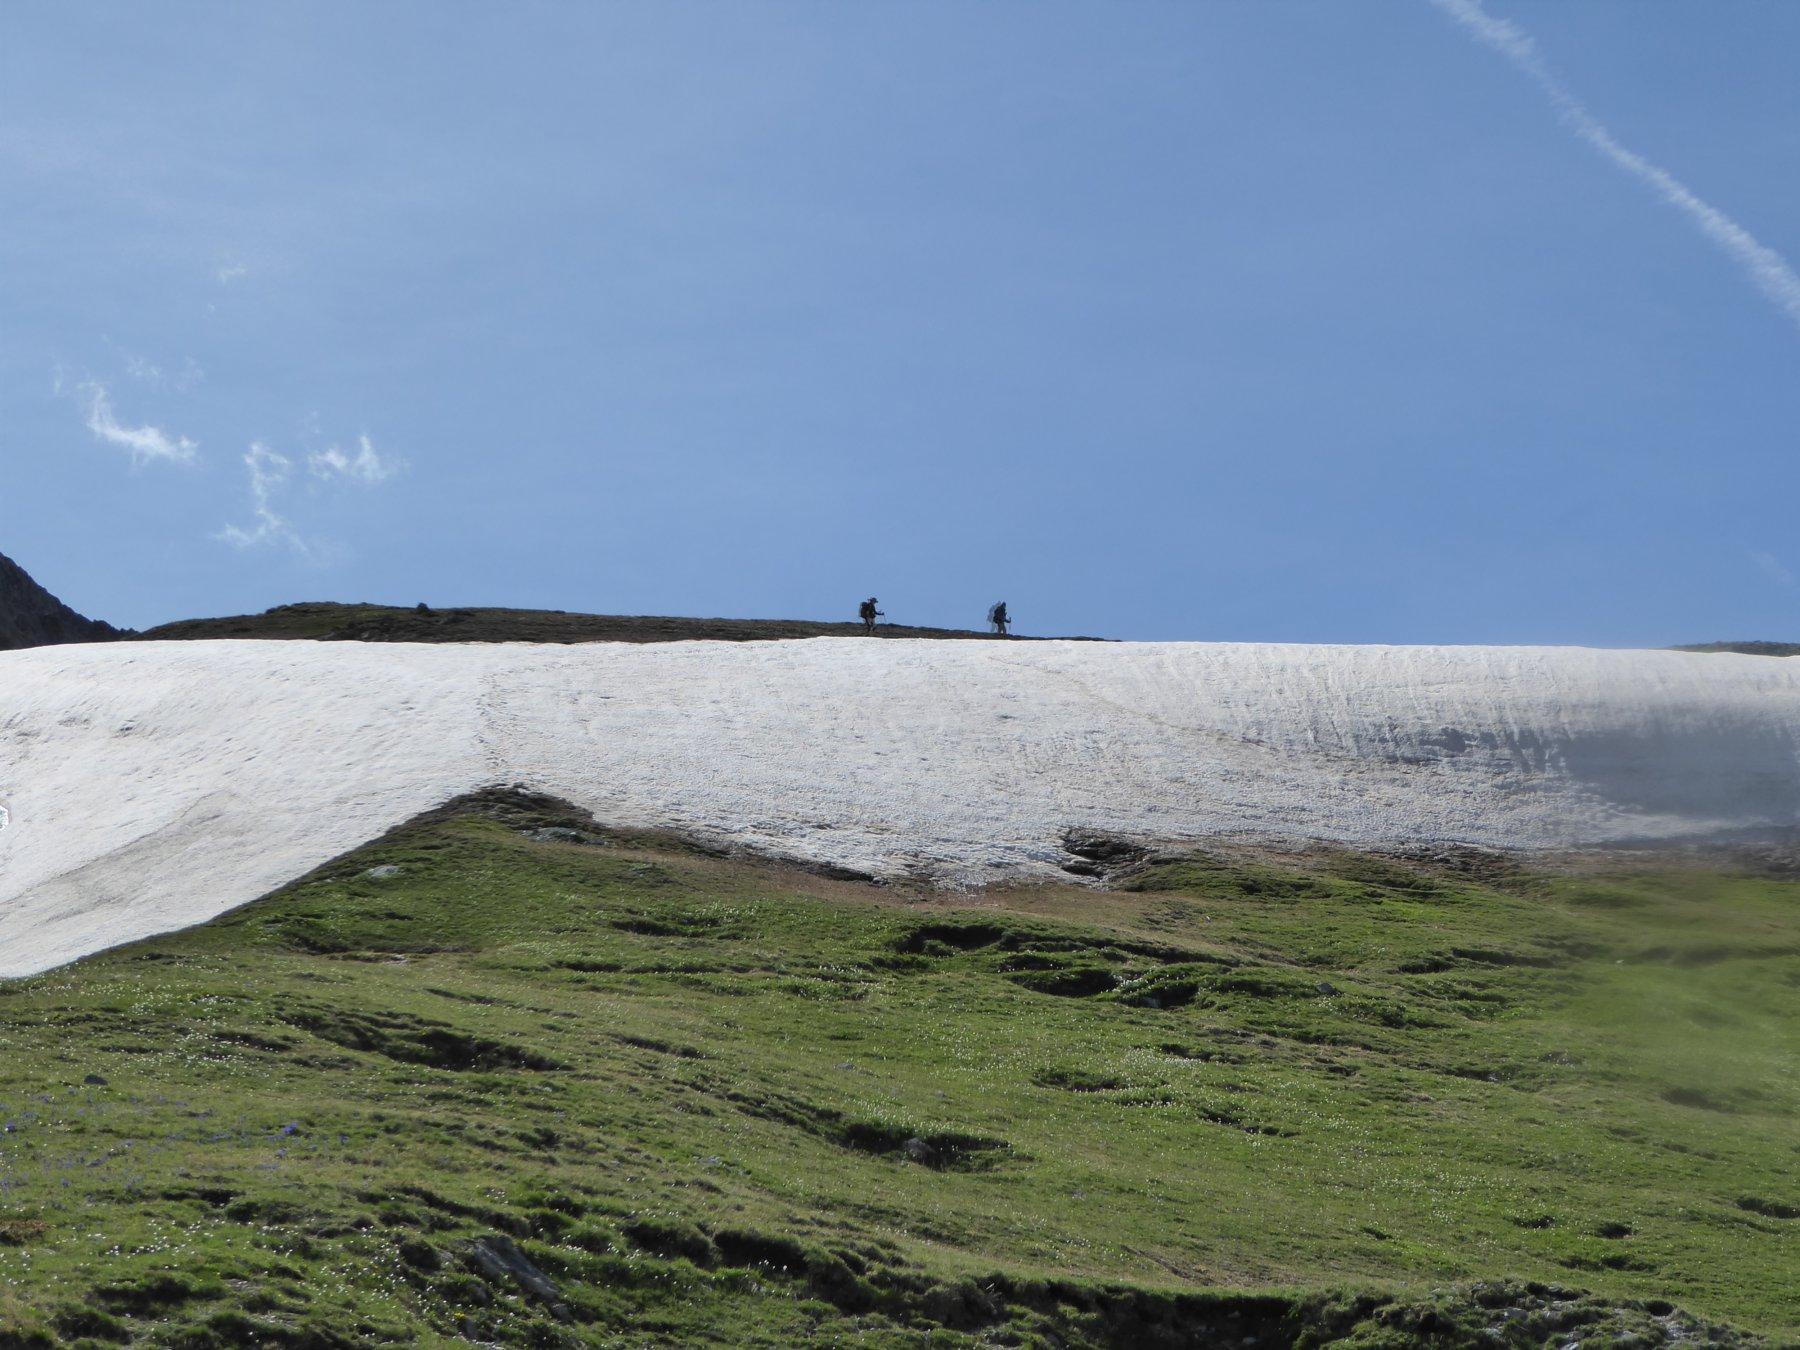 Ultimi nevai al Passo della Gardetta